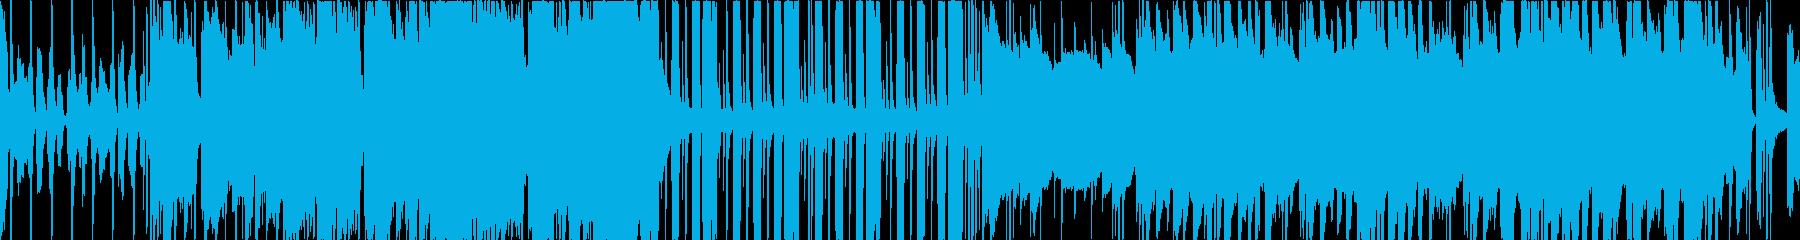 密談、或いはゴロツキの街のBGMの再生済みの波形